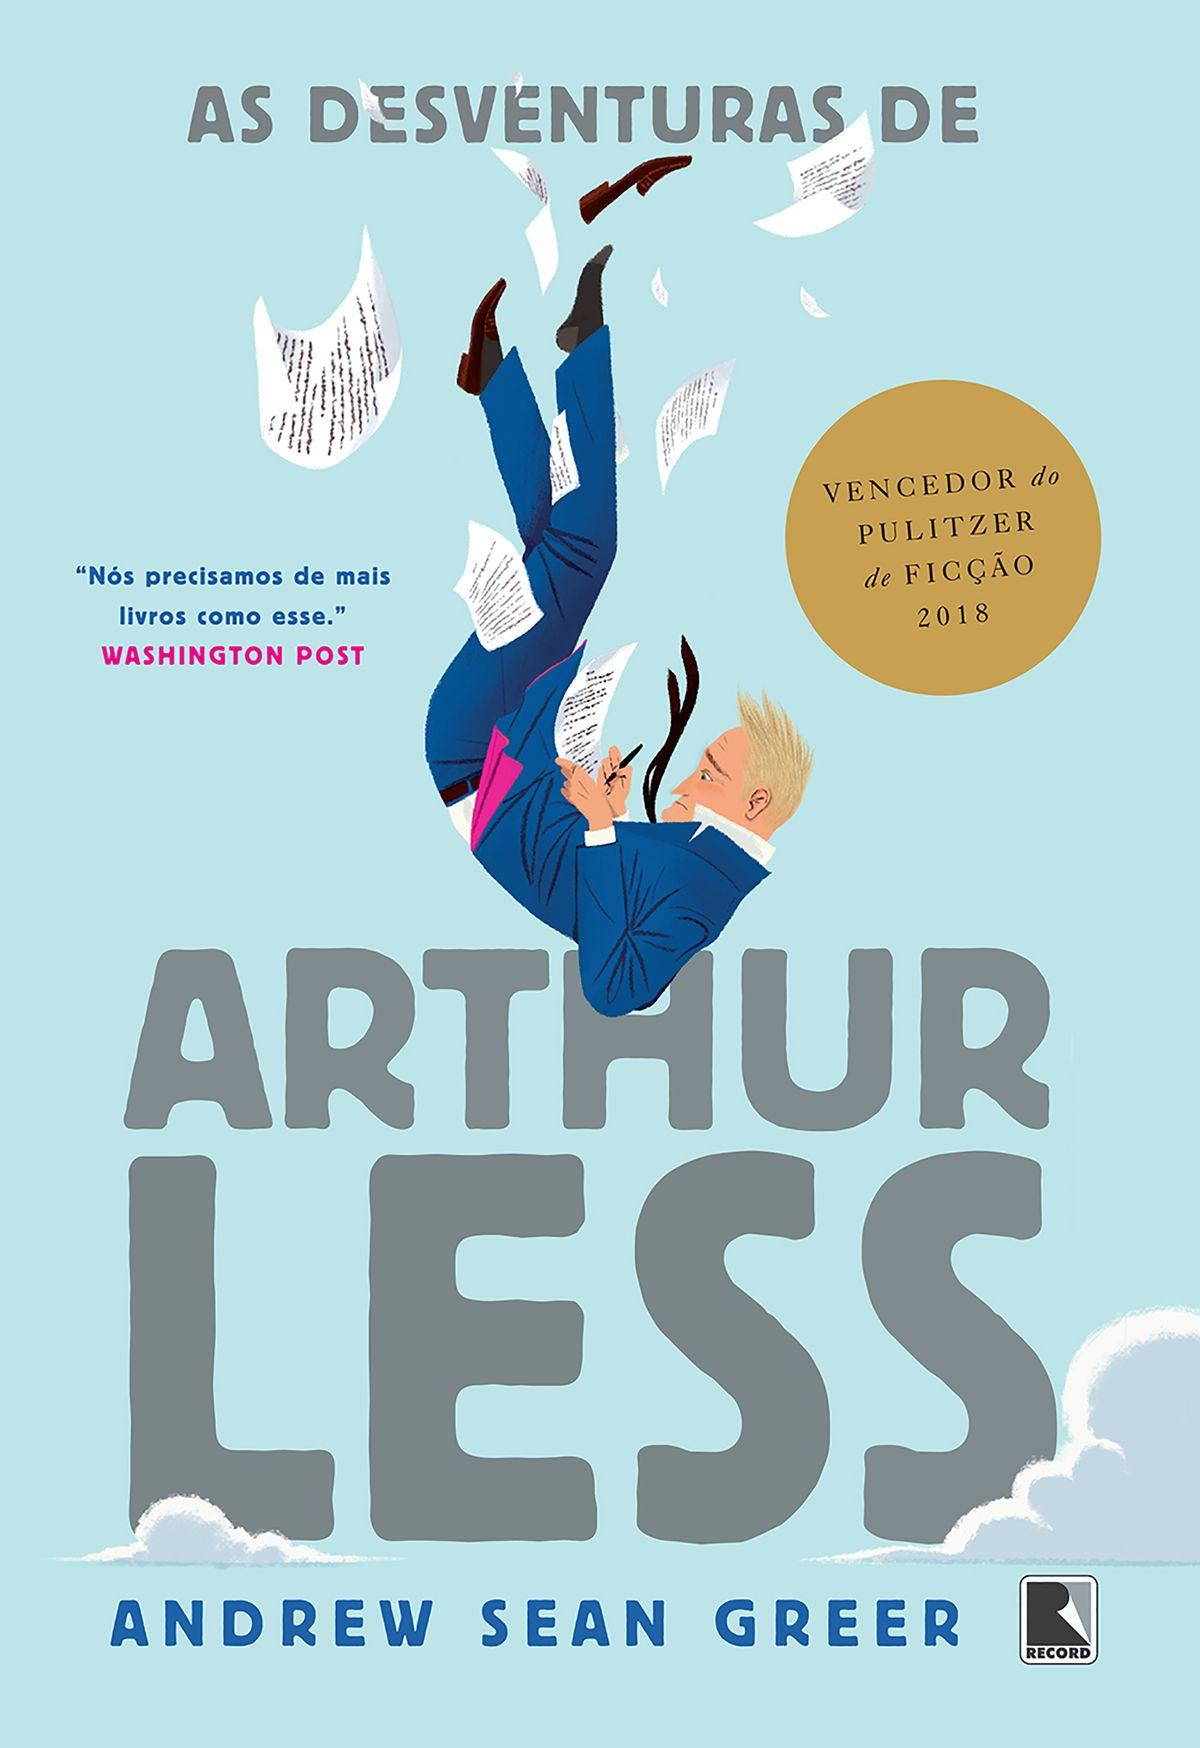 As Desventuras de Arthur Less — Andrew Sean Greer